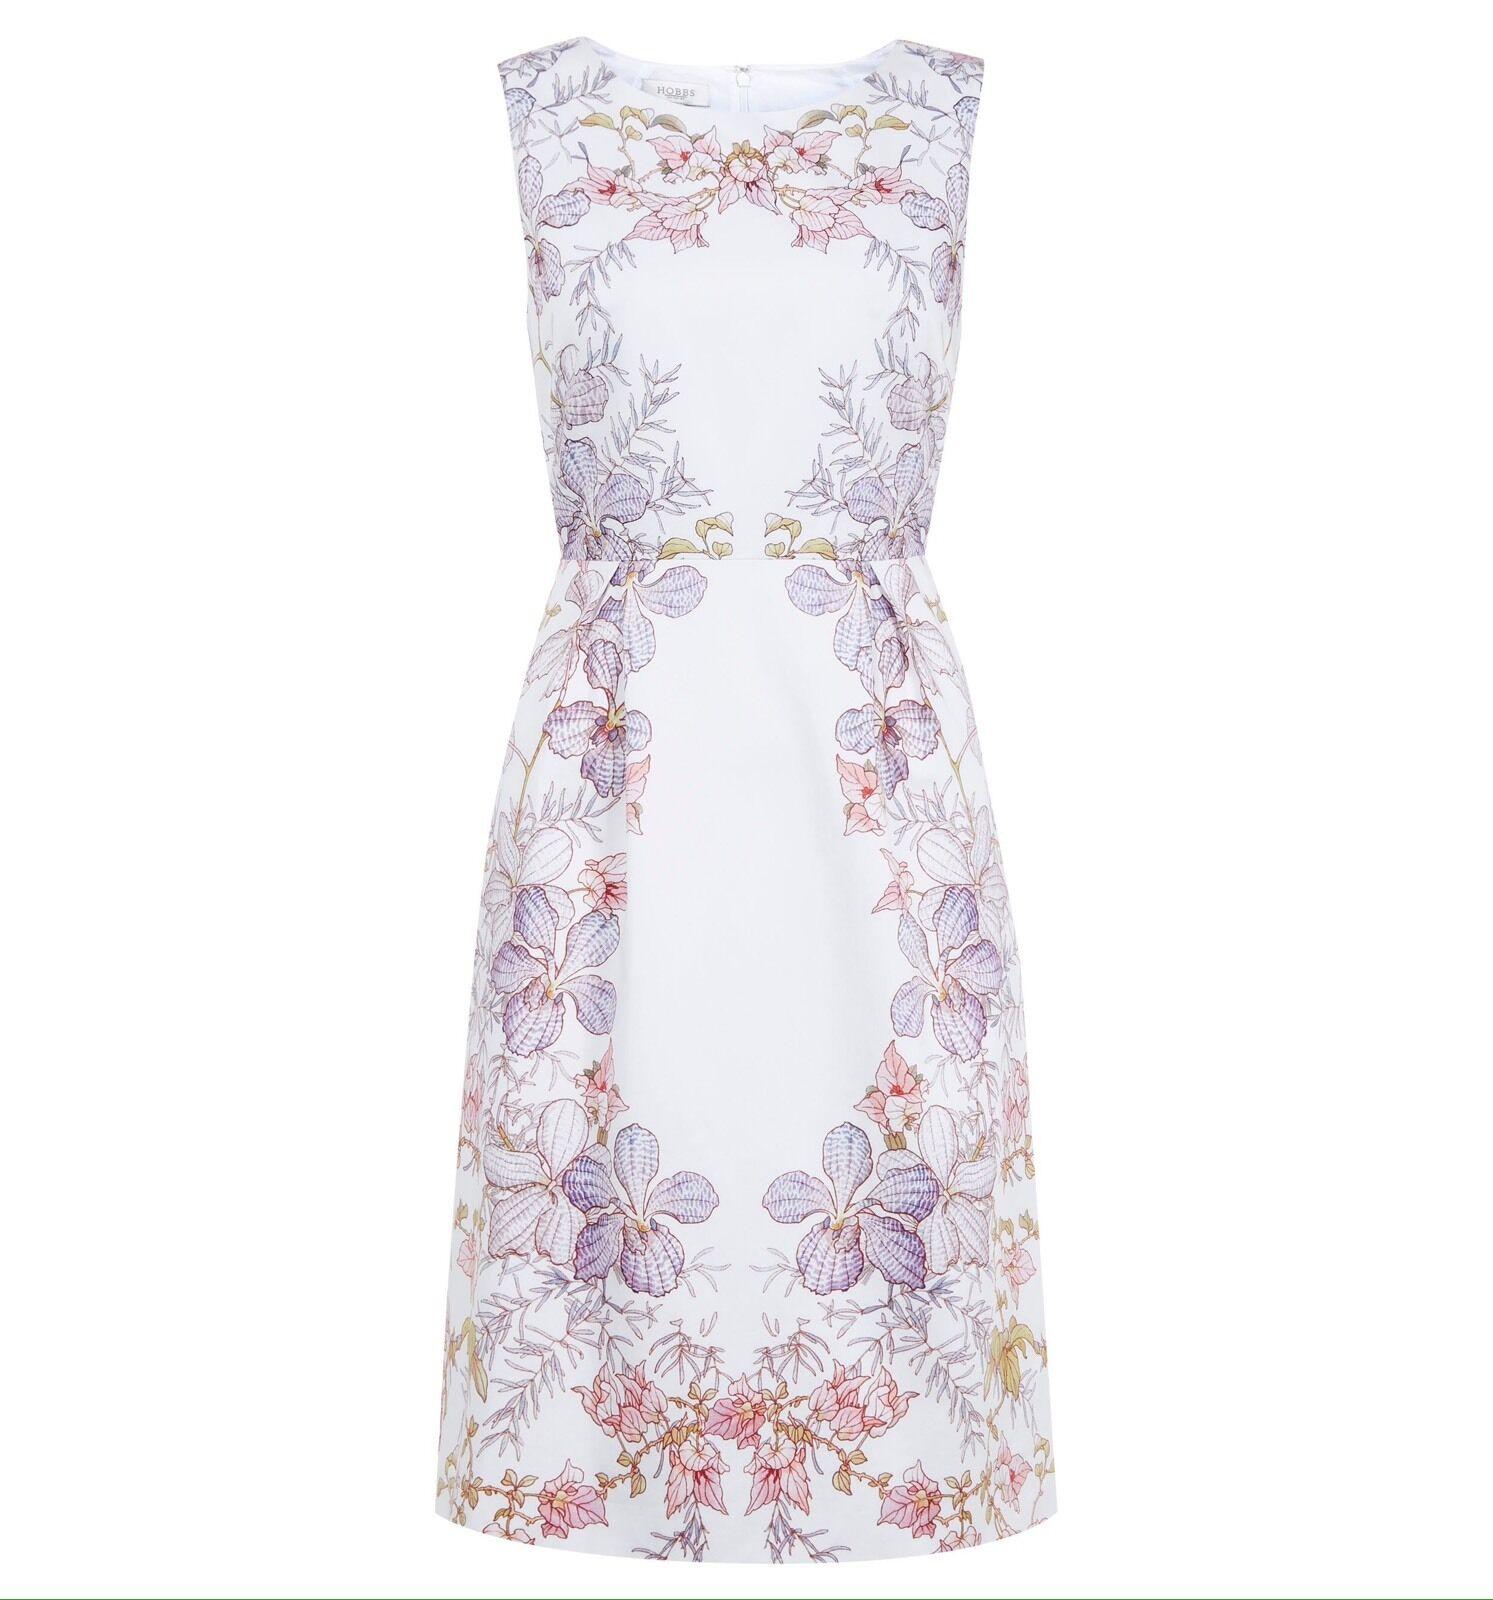 HOBBS 'BOTANICAL' WHITE FLORAL DRESS